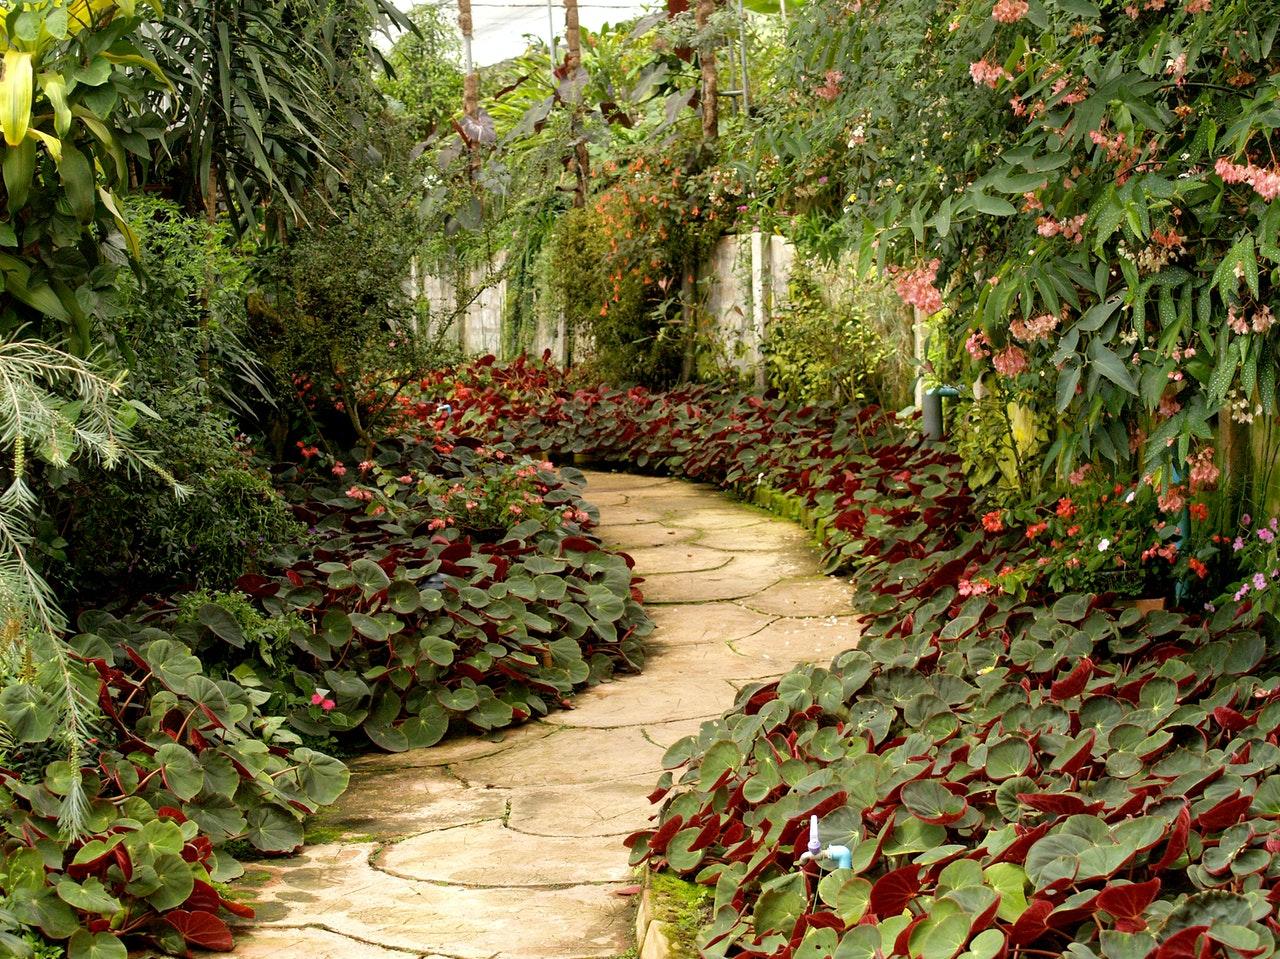 a pathway across a garden